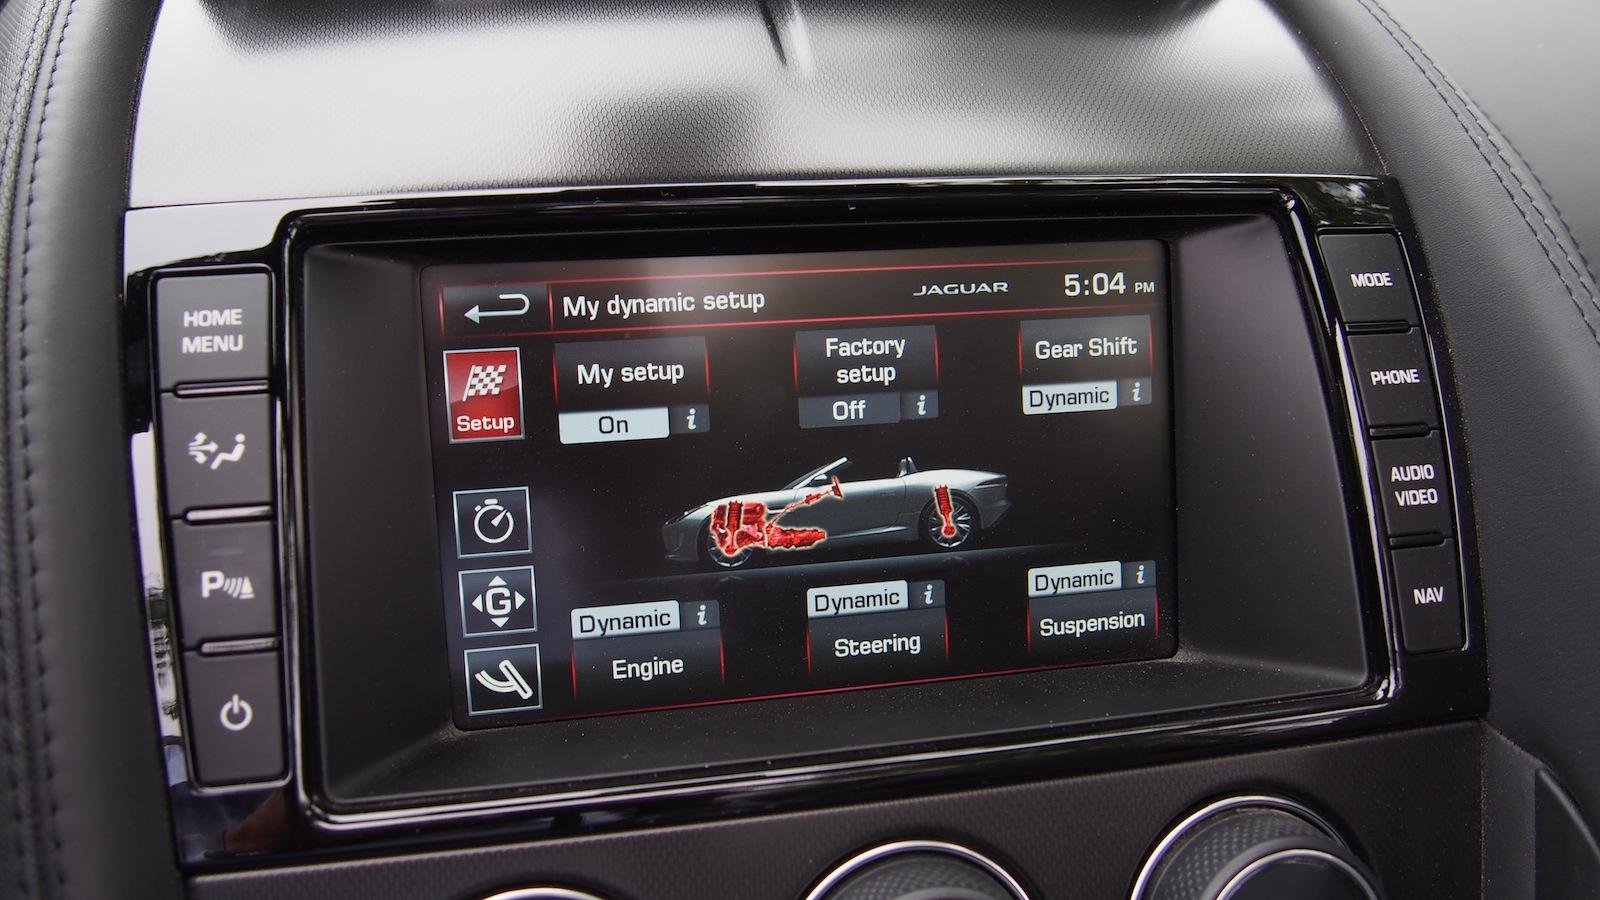 Review Jaguar FType V S Convertible Canadian Auto Review - 2015 jaguar f type